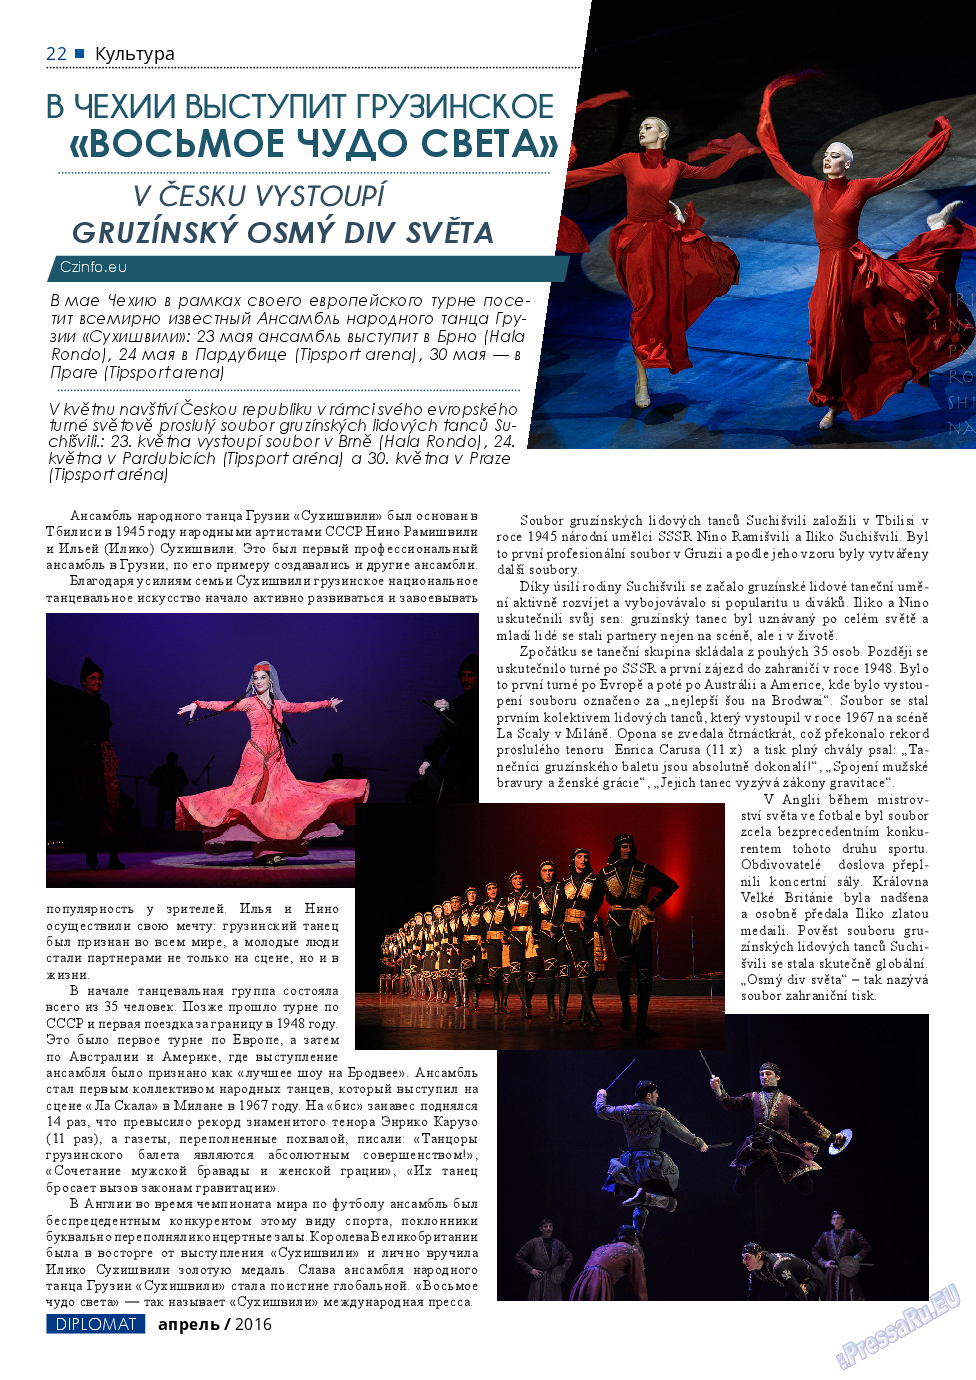 Diplomat (газета). 2016 год, номер 79, стр. 22